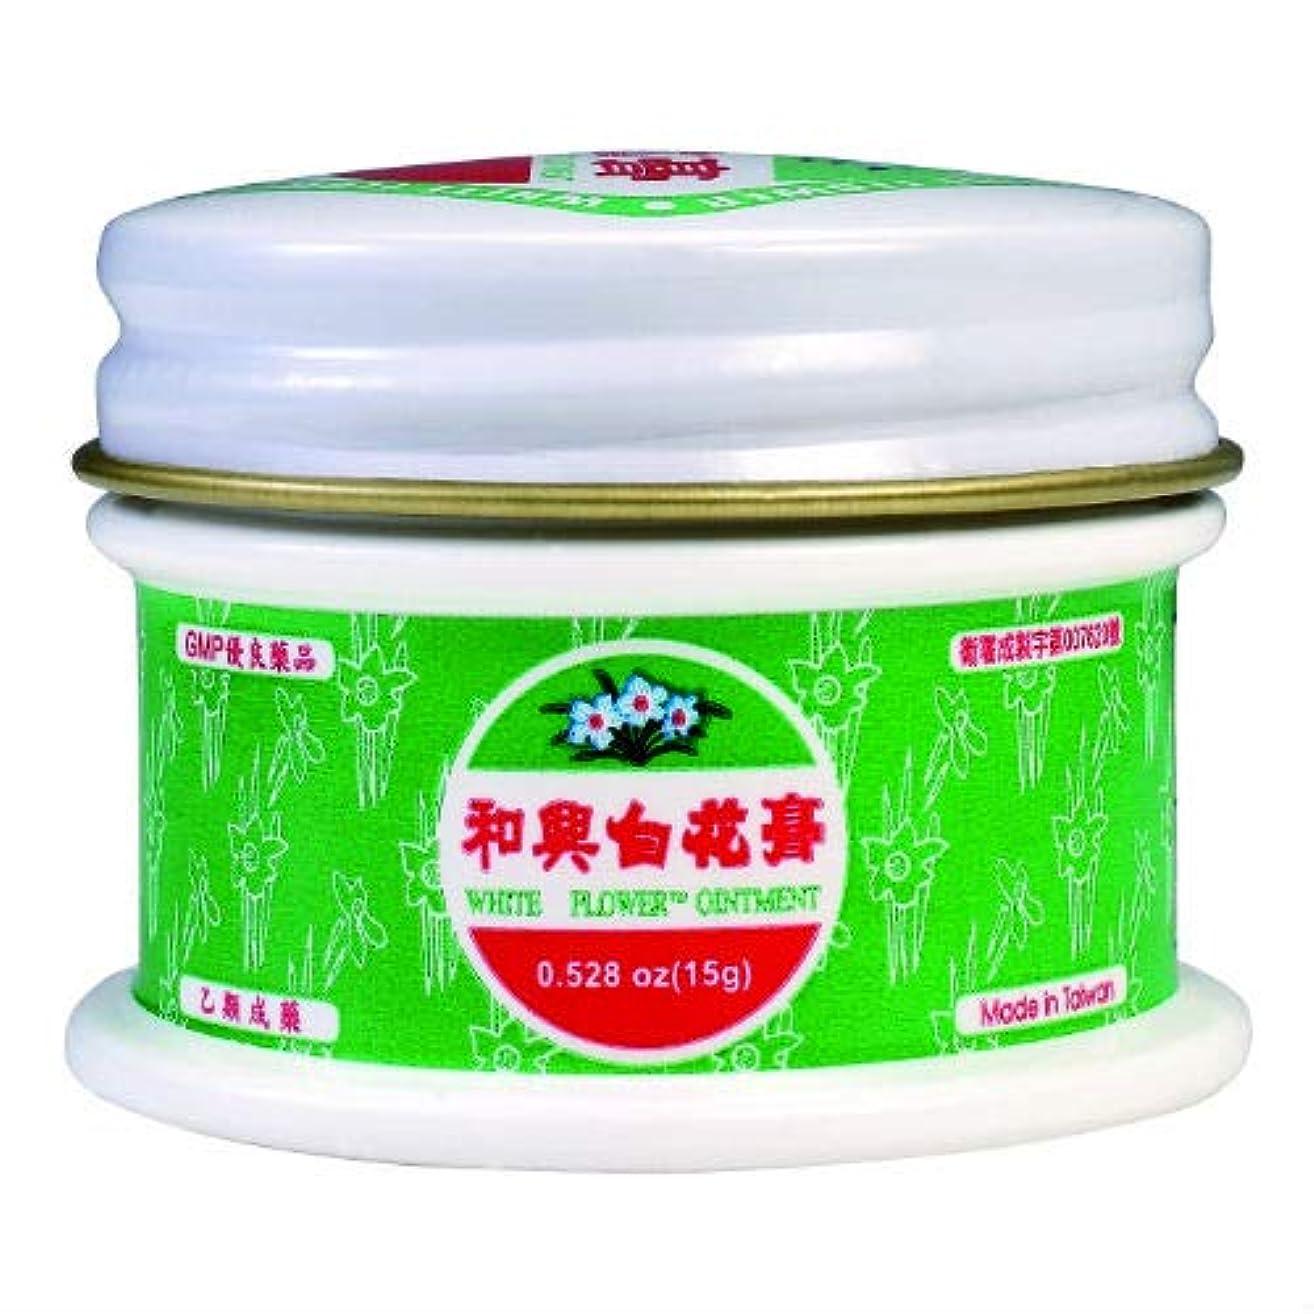 拒絶散るシェード台湾 純正版 白花膏 15g( 白花油軟膏タイプ )